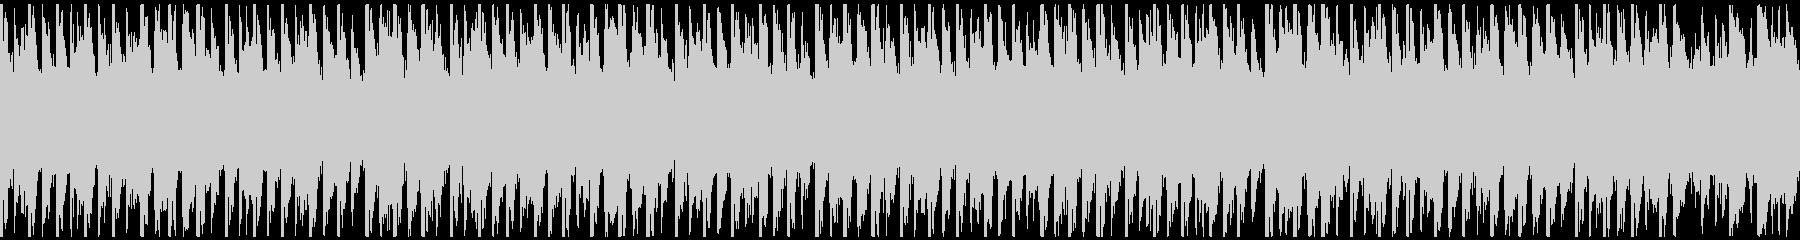 ポップパーティー(ループ-30秒)の未再生の波形